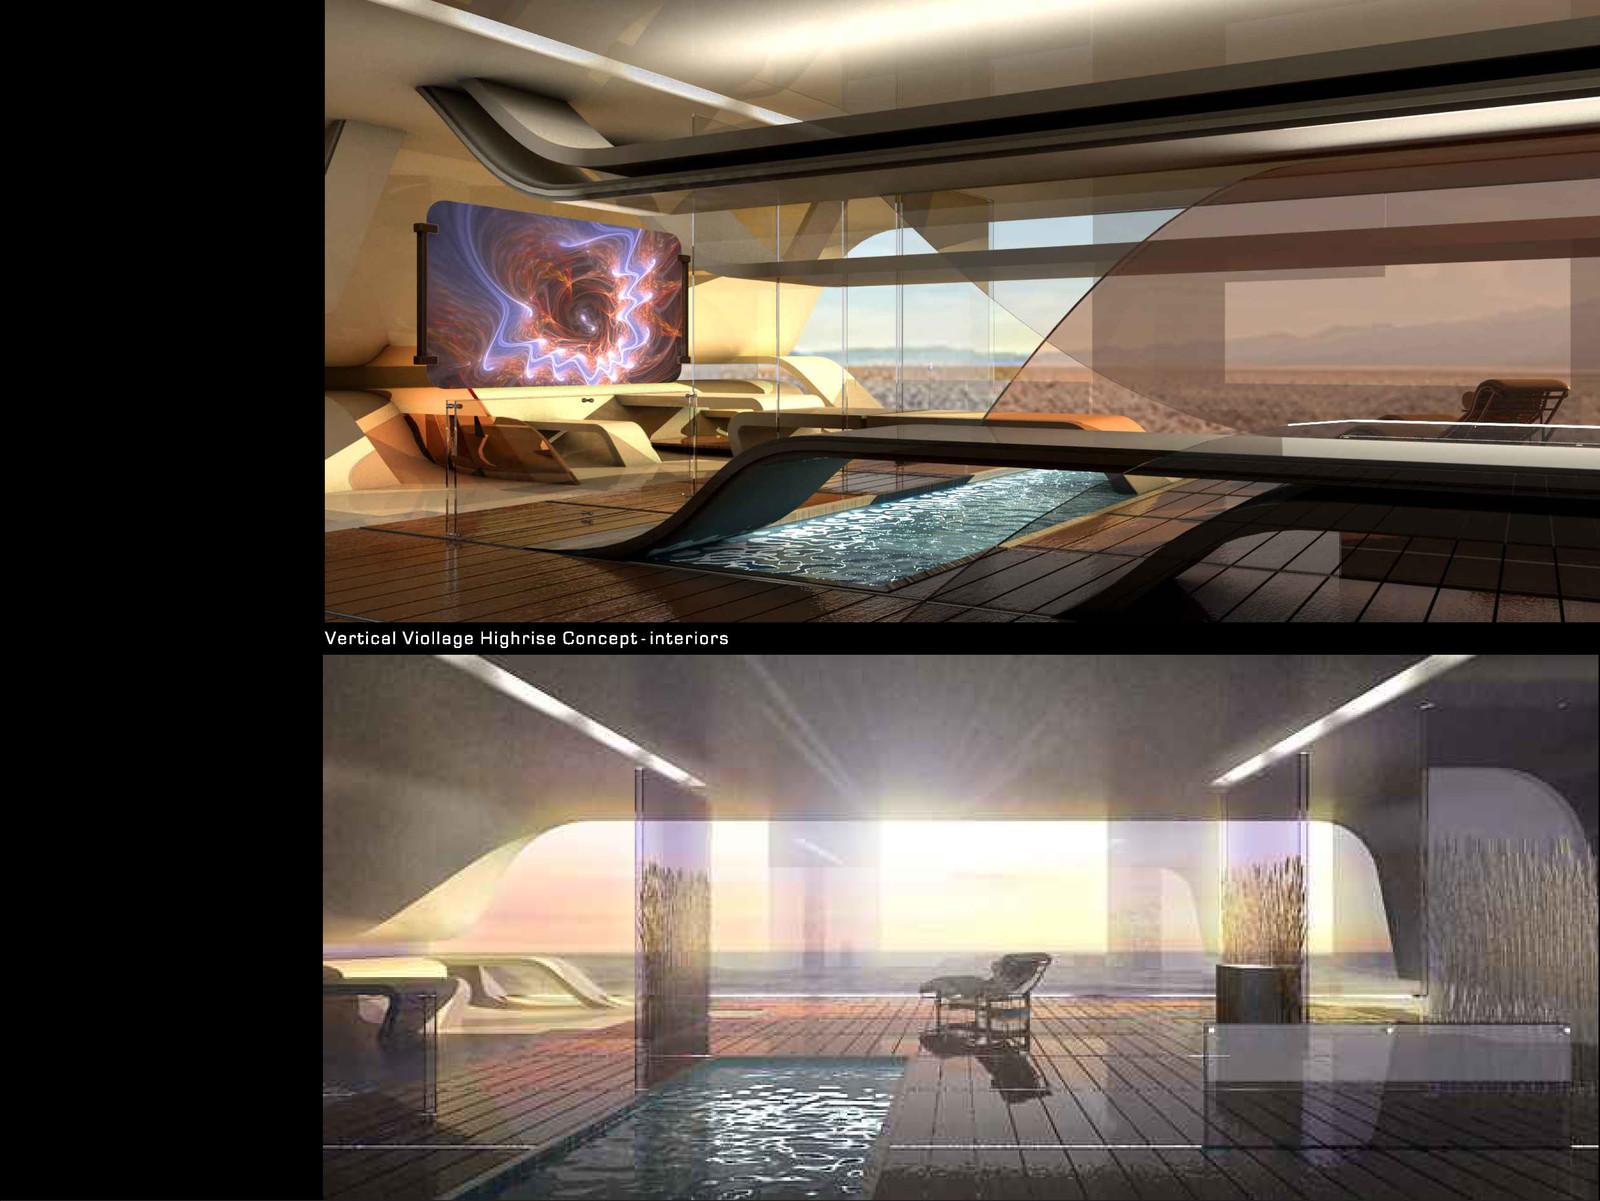 Vertical Village interior designs